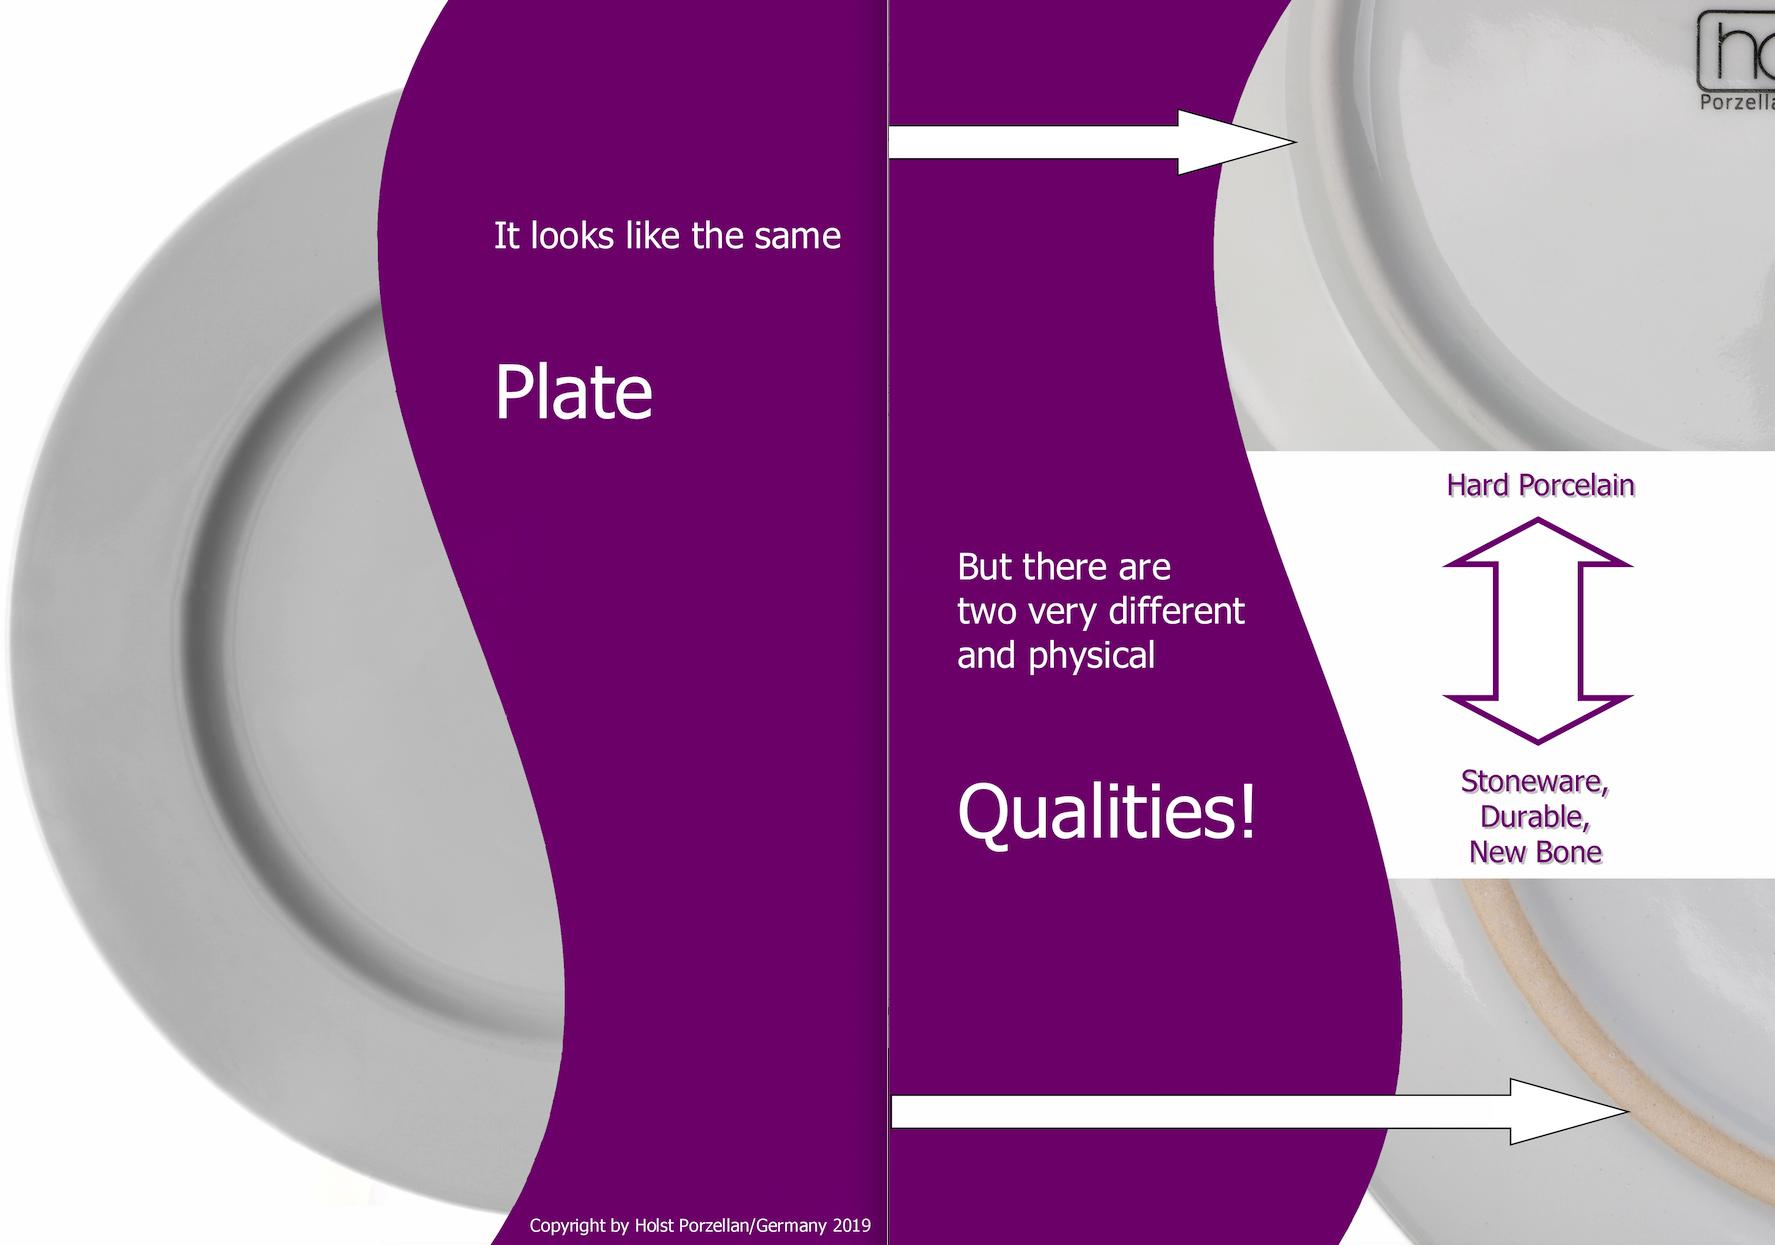 Porzellan-vs-Stoneware